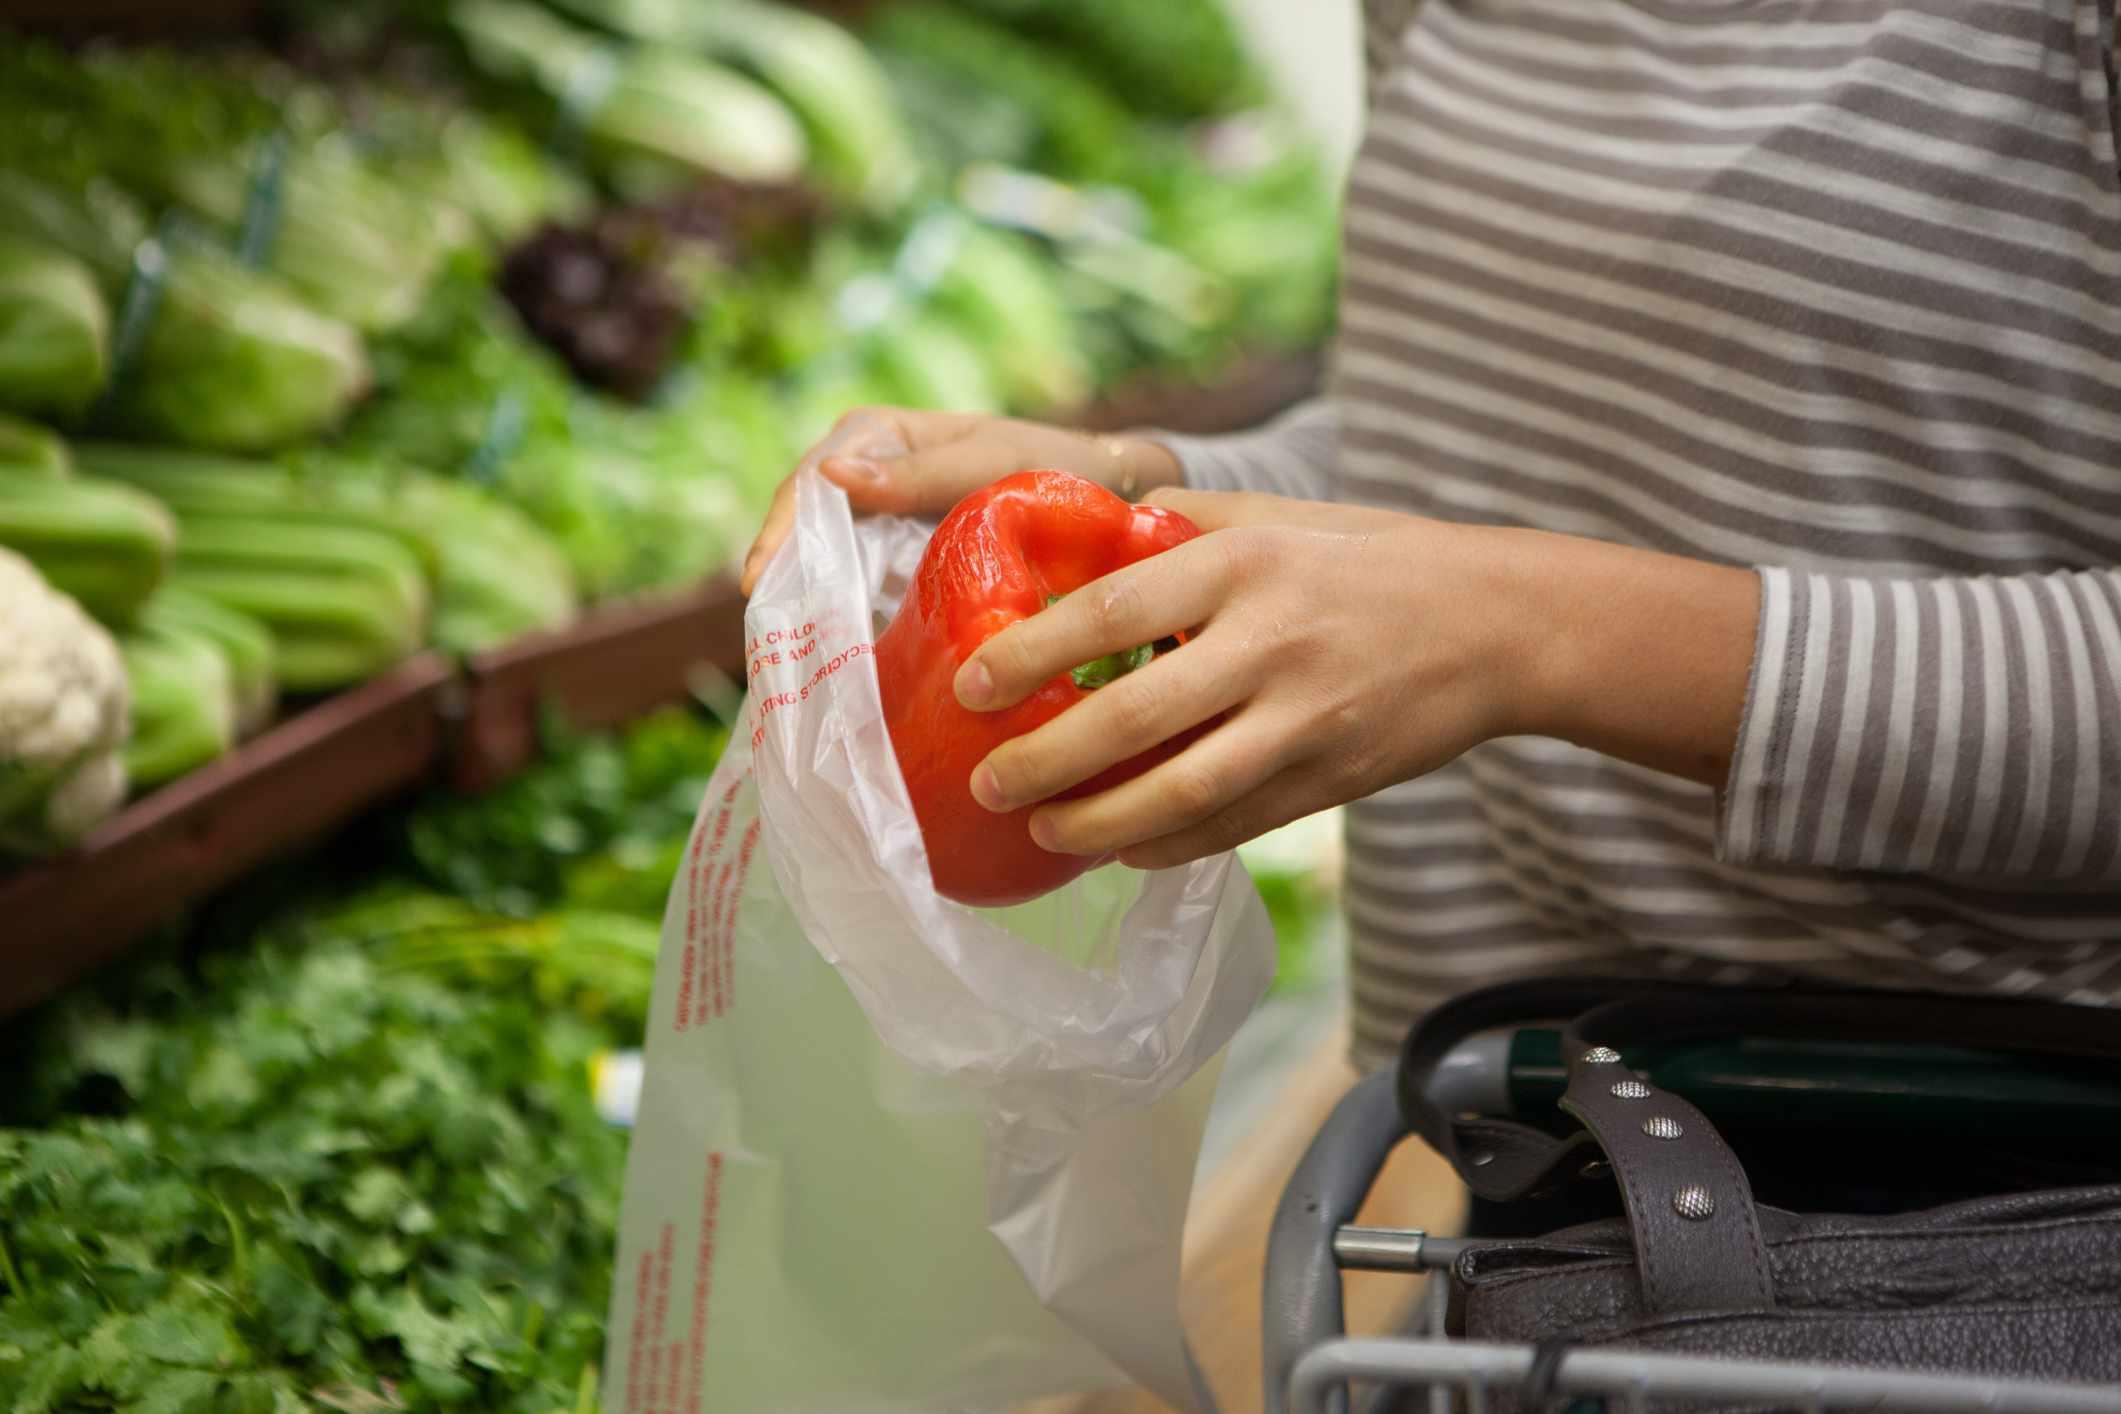 A woman puts a red pepper in a plastic bag.